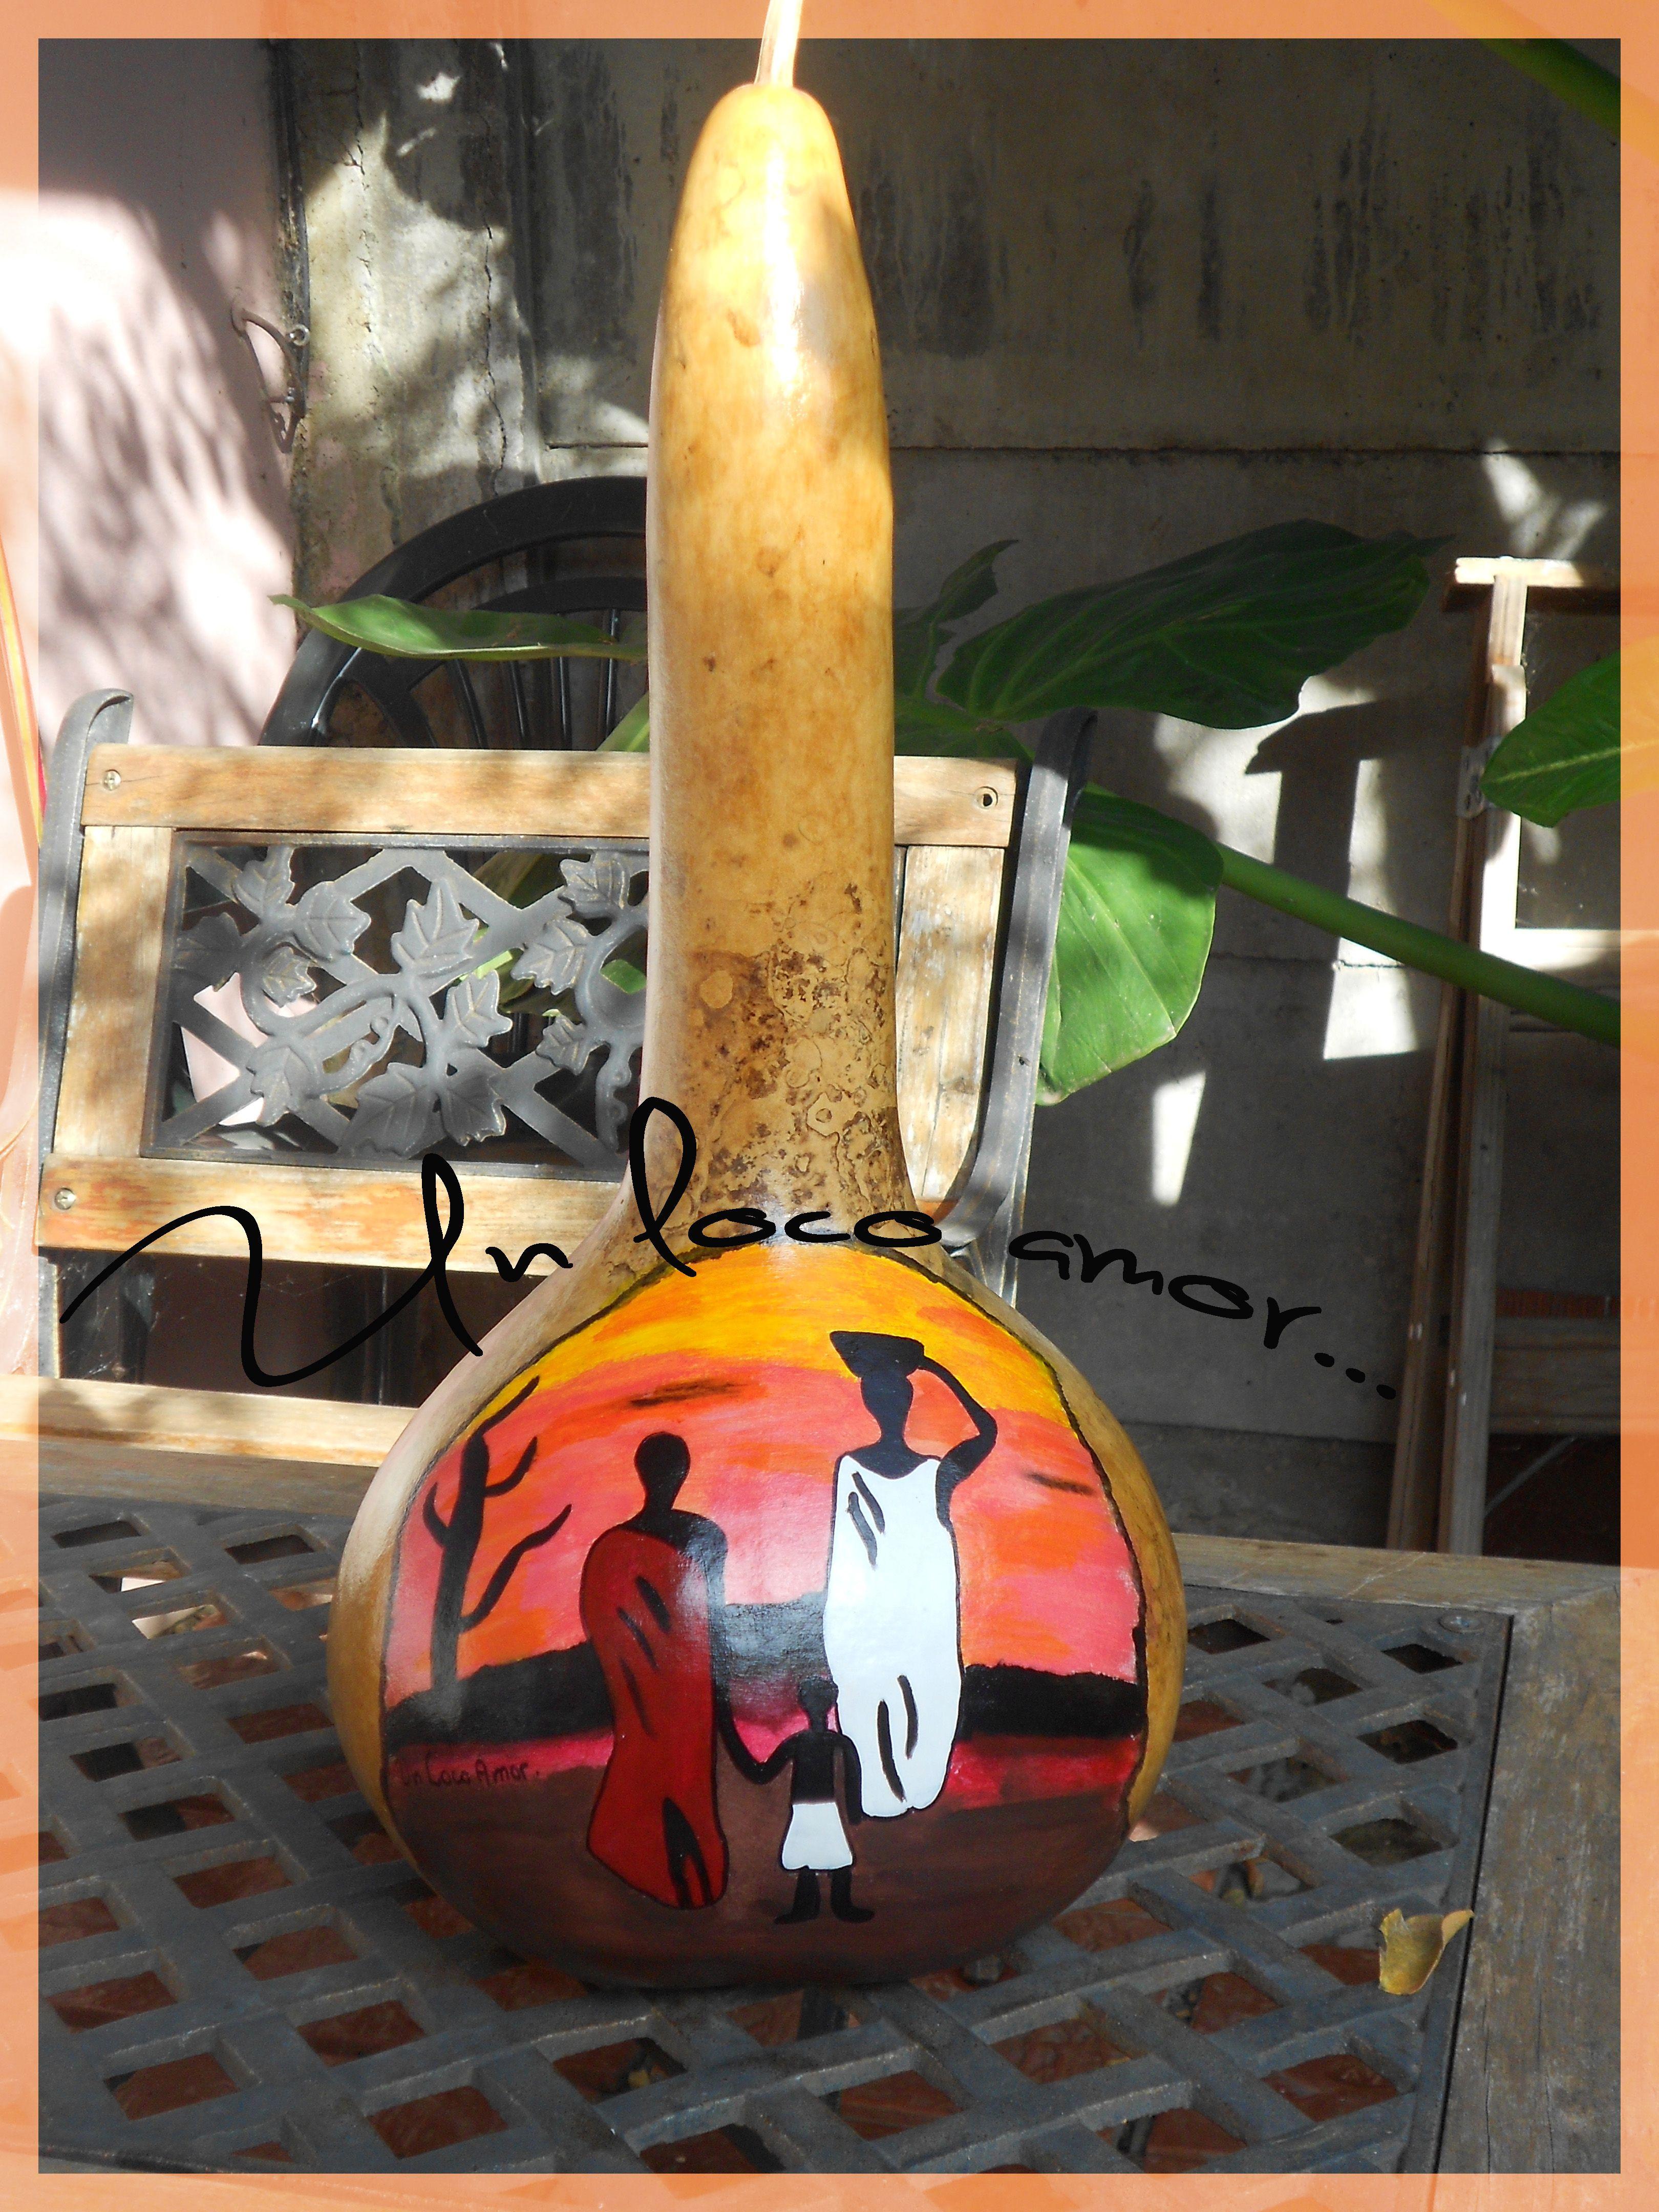 Calabazas pintadas a mano calabazas pintadas a mano pinterest calabazas pintadas a mano - Calabazas de halloween pintadas ...